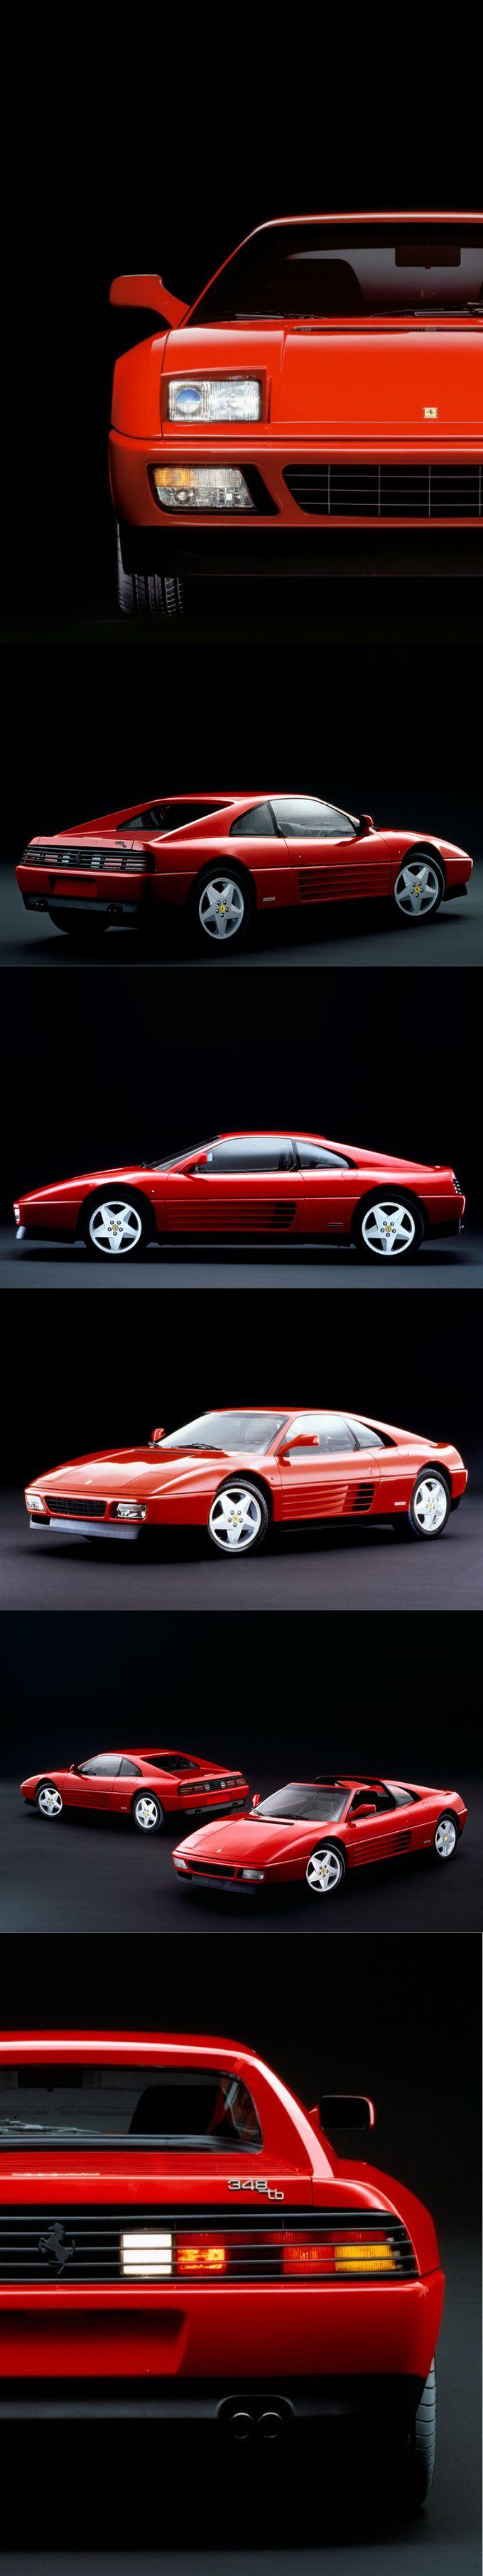 1989 Ferrari 348 TB / 348 TS / 300hp V8 / Pininfarina / Italy / red